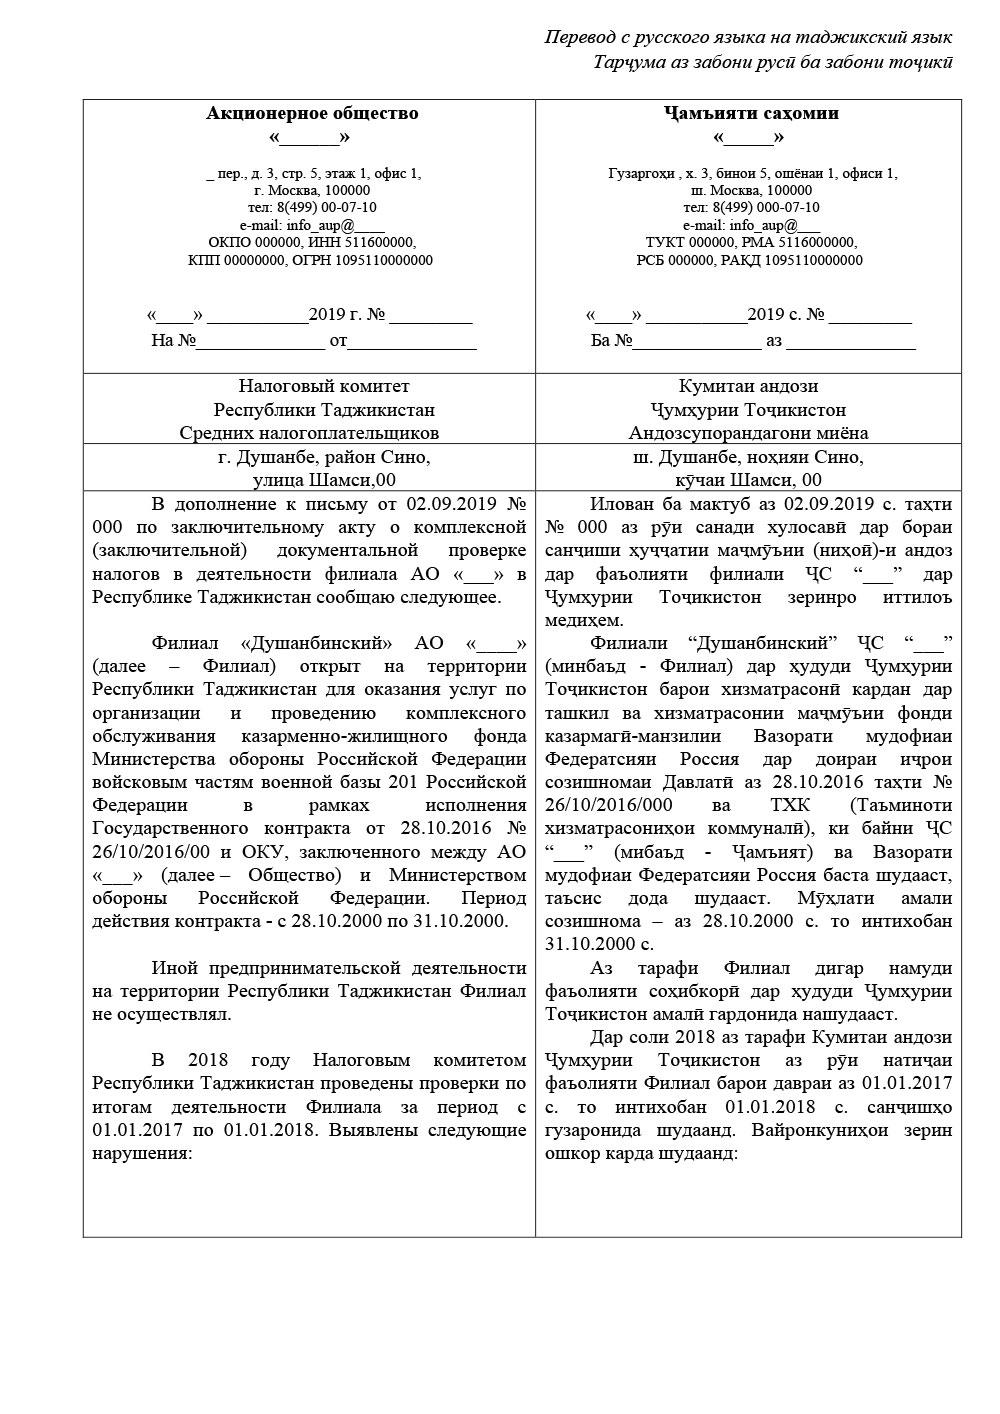 Пример перевода делового письма на таджикский язык